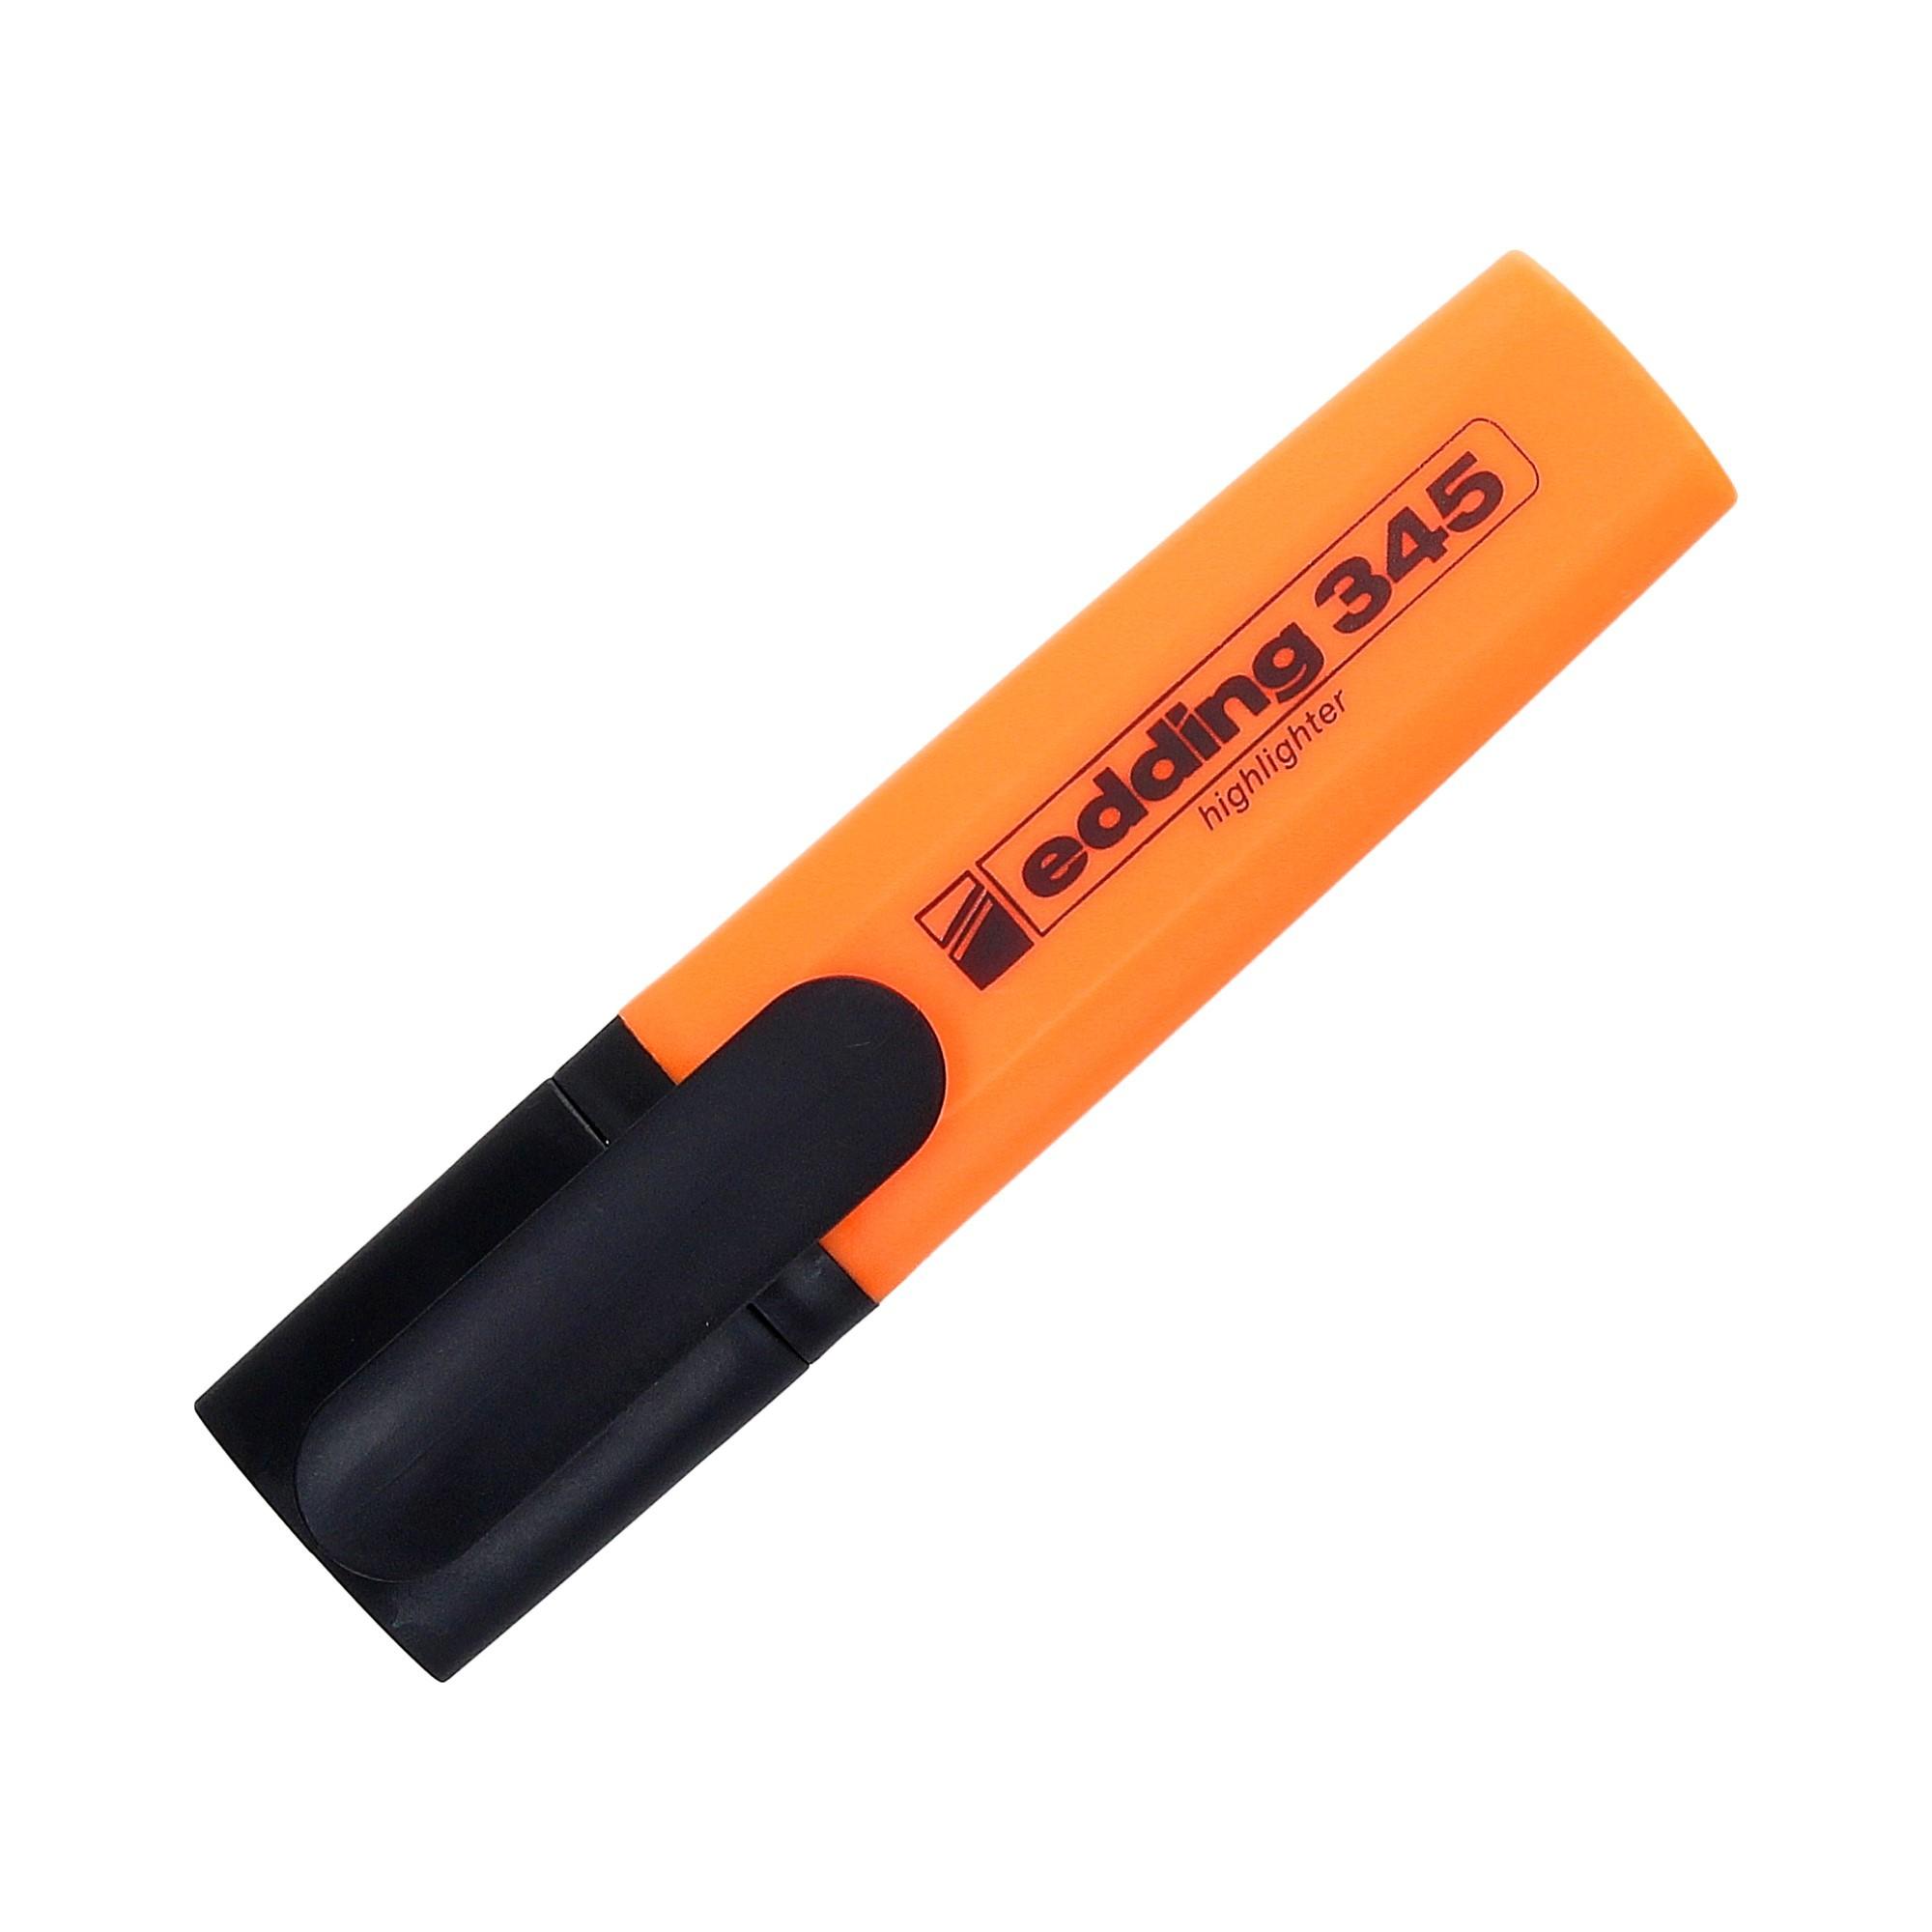 Zakreślacz pomarańczowy Edding 345